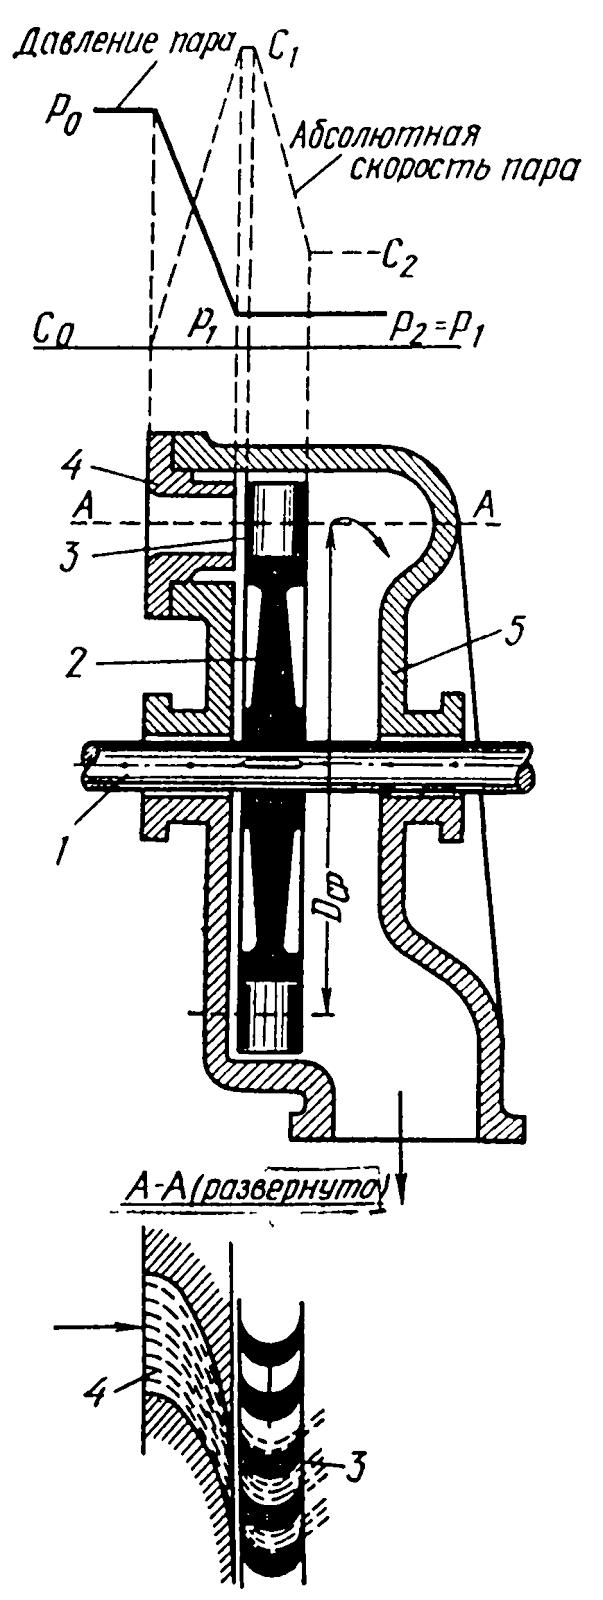 Попадание масла в осевой канал ротора турбины